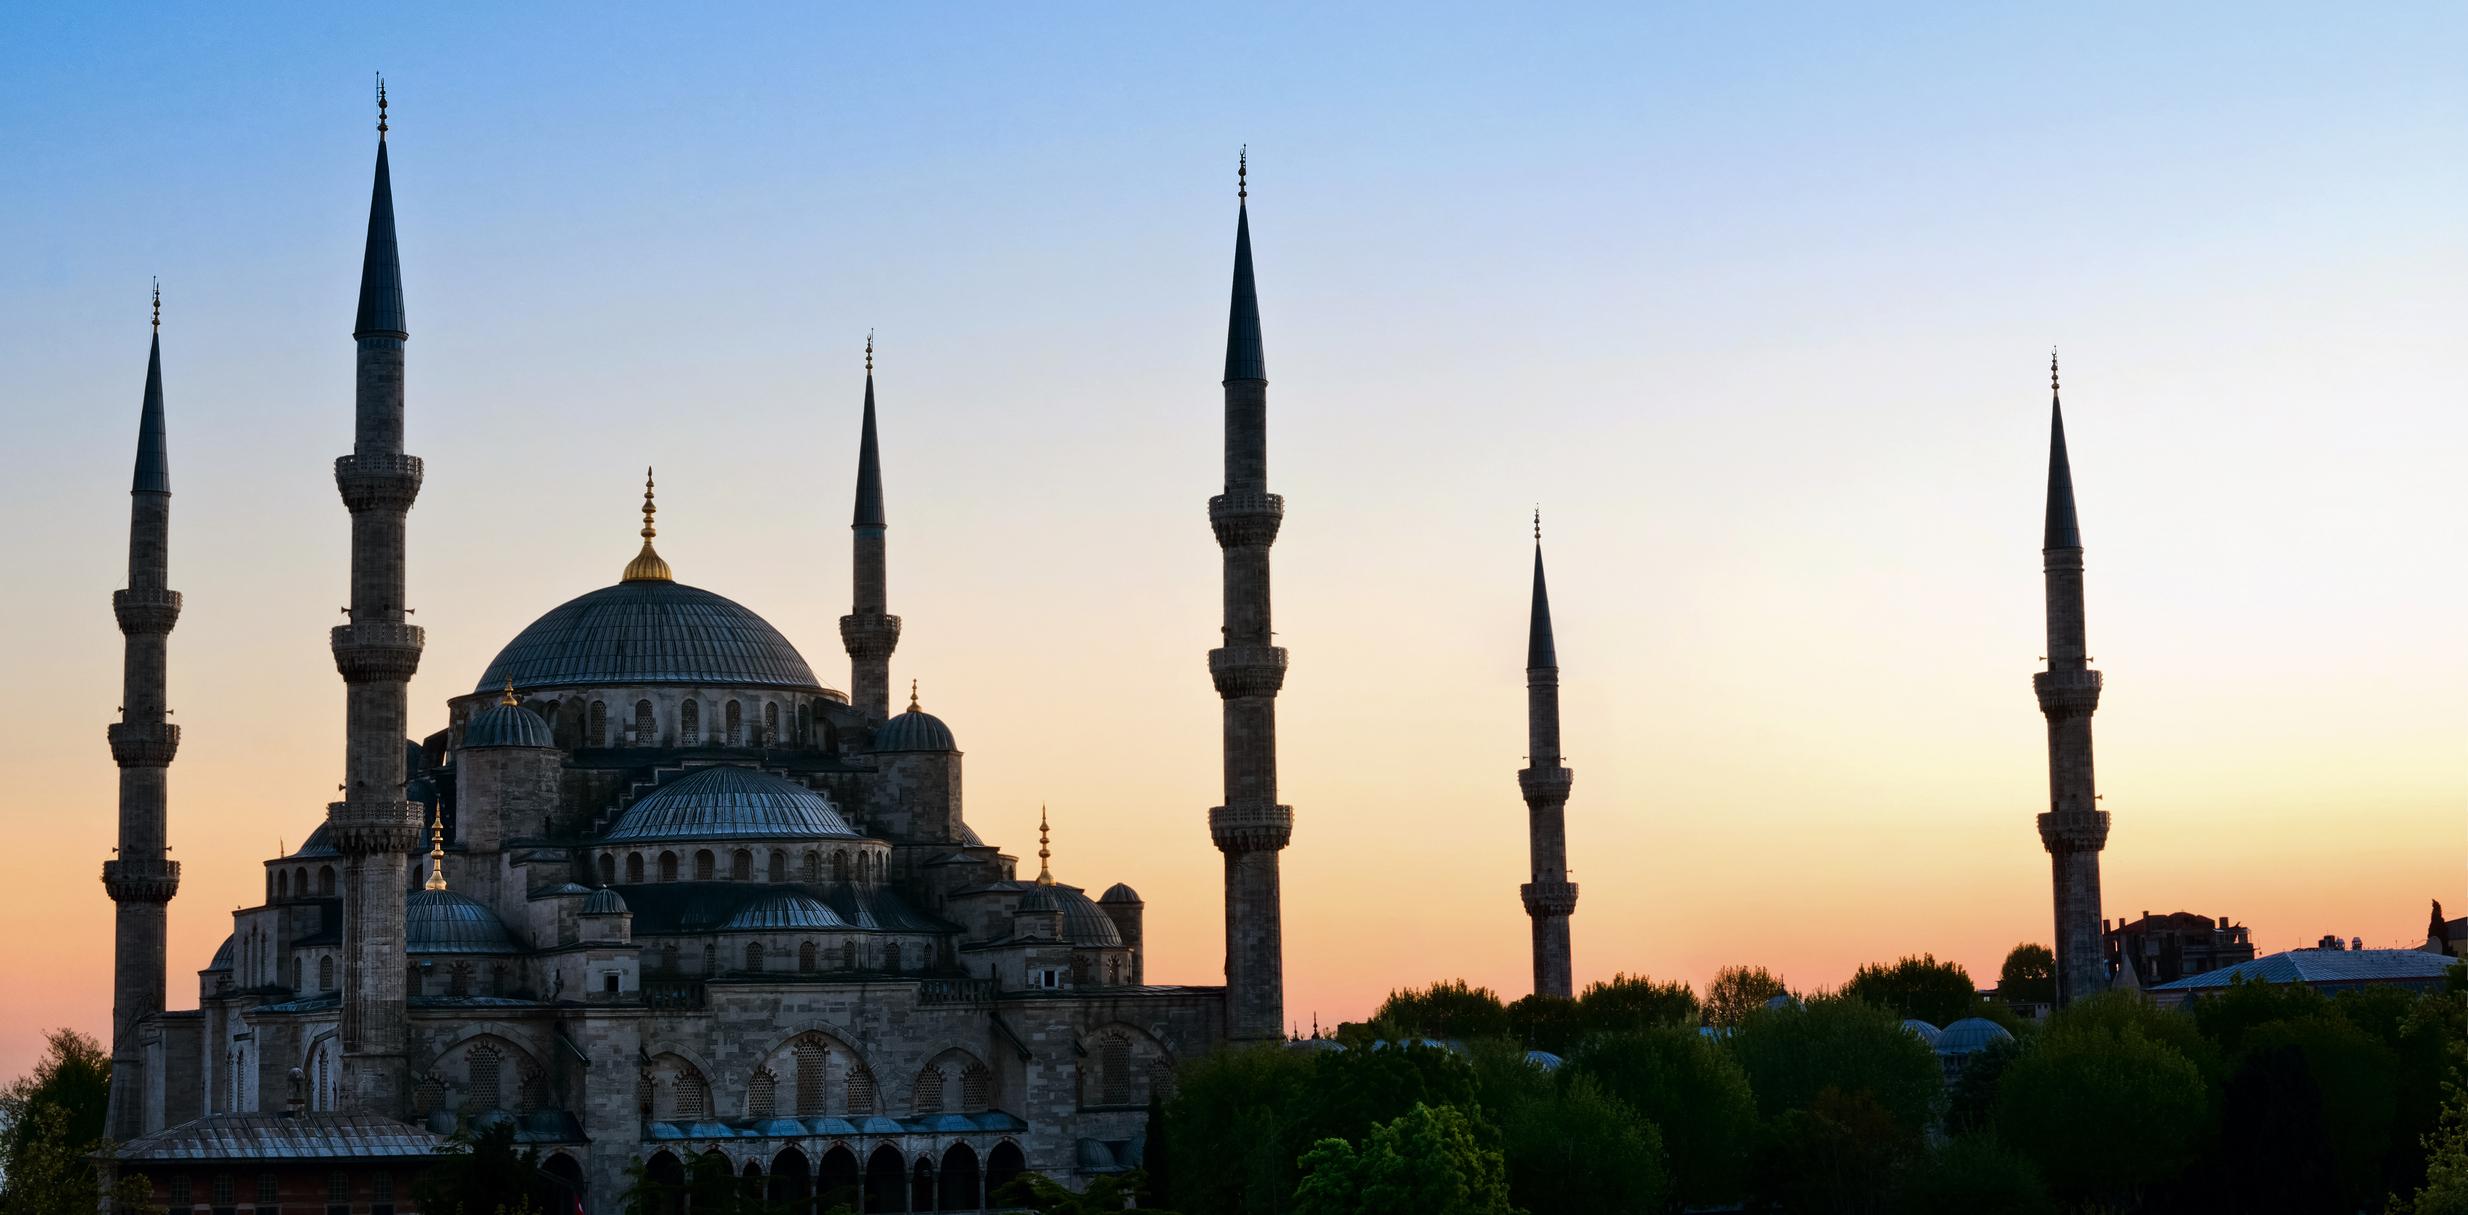 1. Турция - Поради нашумялата политическа нестабилност и множеството терористични атаки,Турция също се превърна в невероятно рискова дестинация за почивка. Съветваме ви да носите по-консервативни дрехи. Предварително си вземете шал и го ползвайте, за да закривате главата си, ако е необходимо – например при посещение в джамия. Ако се наложи да ползвате такси, хването го на добре осветени места с много хора и избягвайте да плащате с едри банкноти.